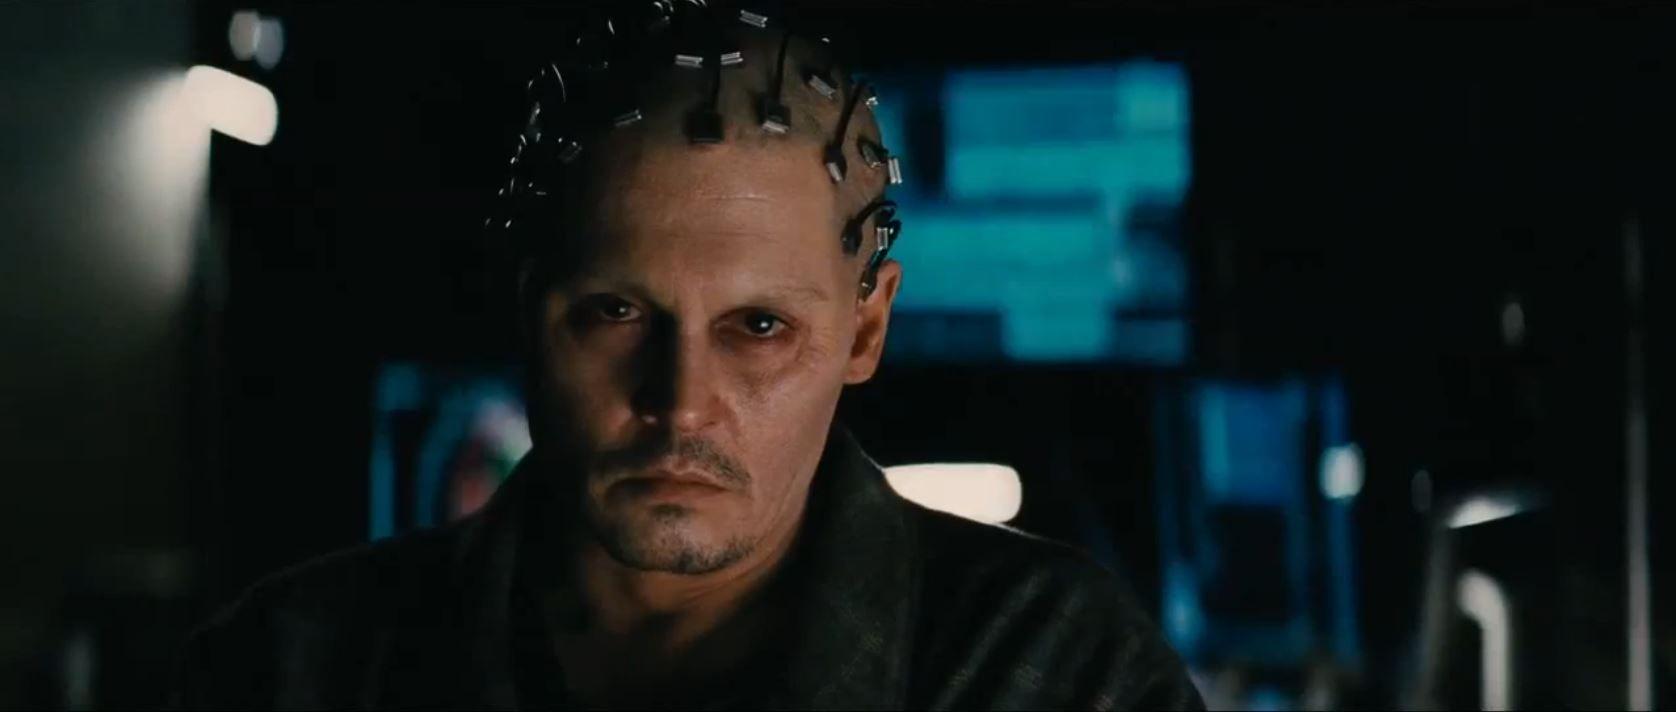 The Creator - Dr. Will Caster | Johnny depp. Reboot movie. Johnny depp fans